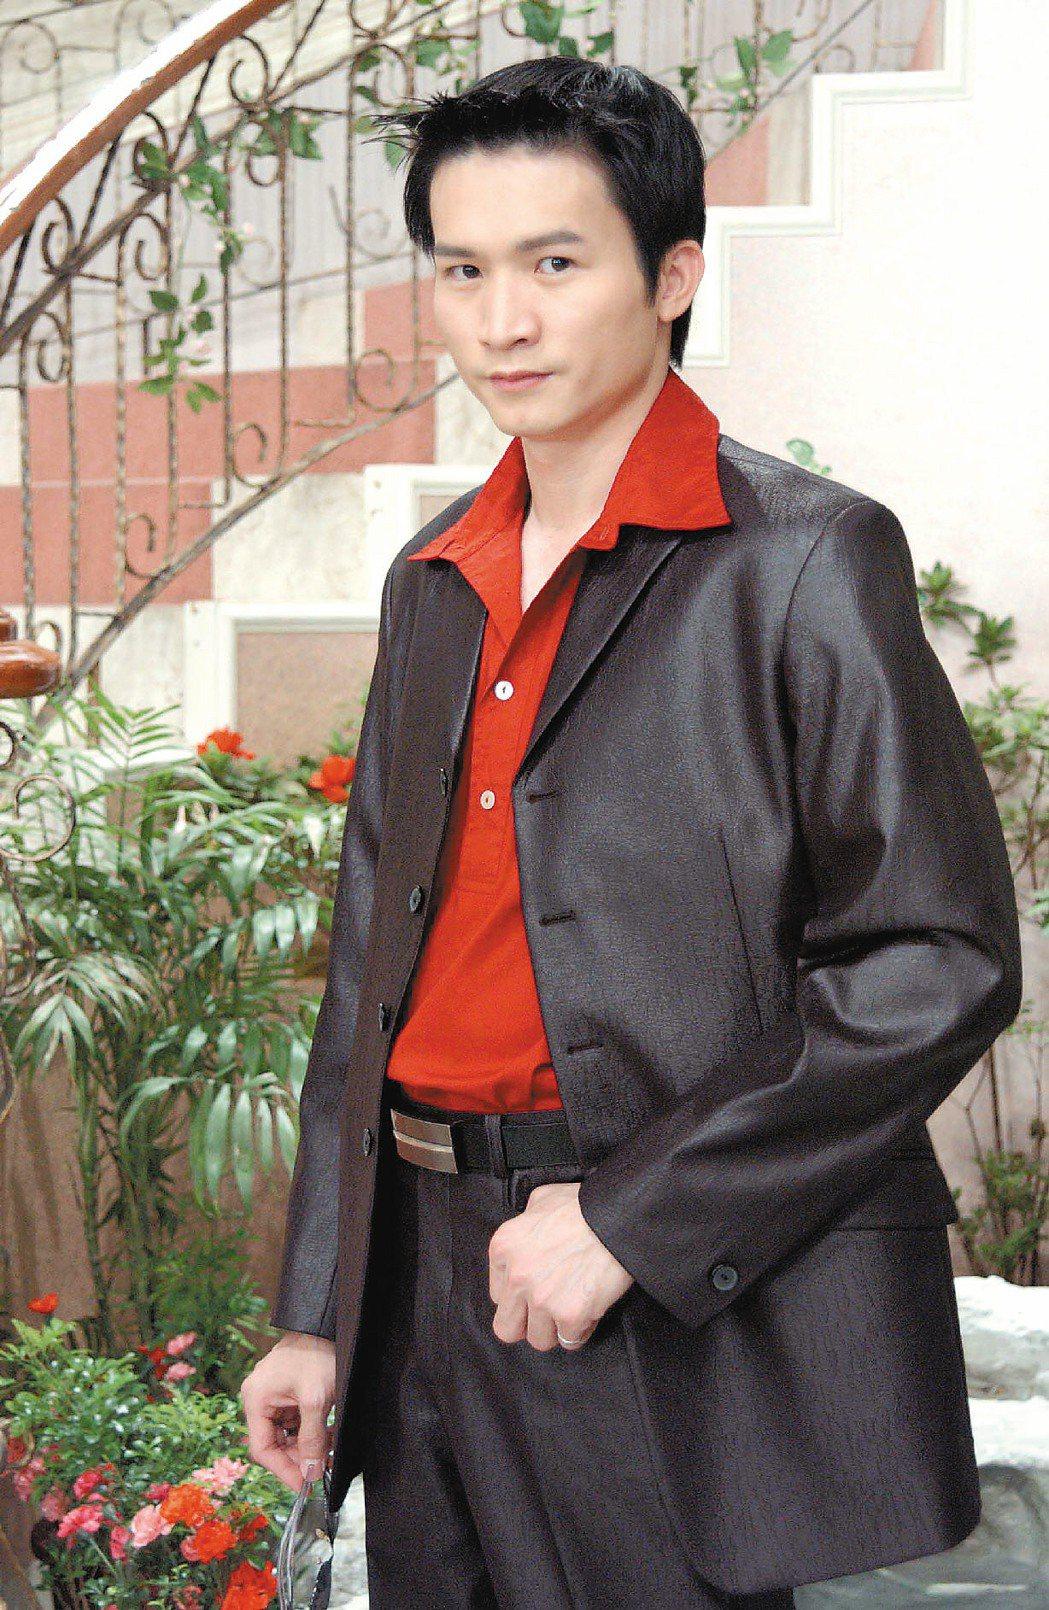 當年秦楊飾演的劉文聰,愛送人汽油桶跟番仔火,觀眾雖罵得凶,但收視飆破10%。圖/